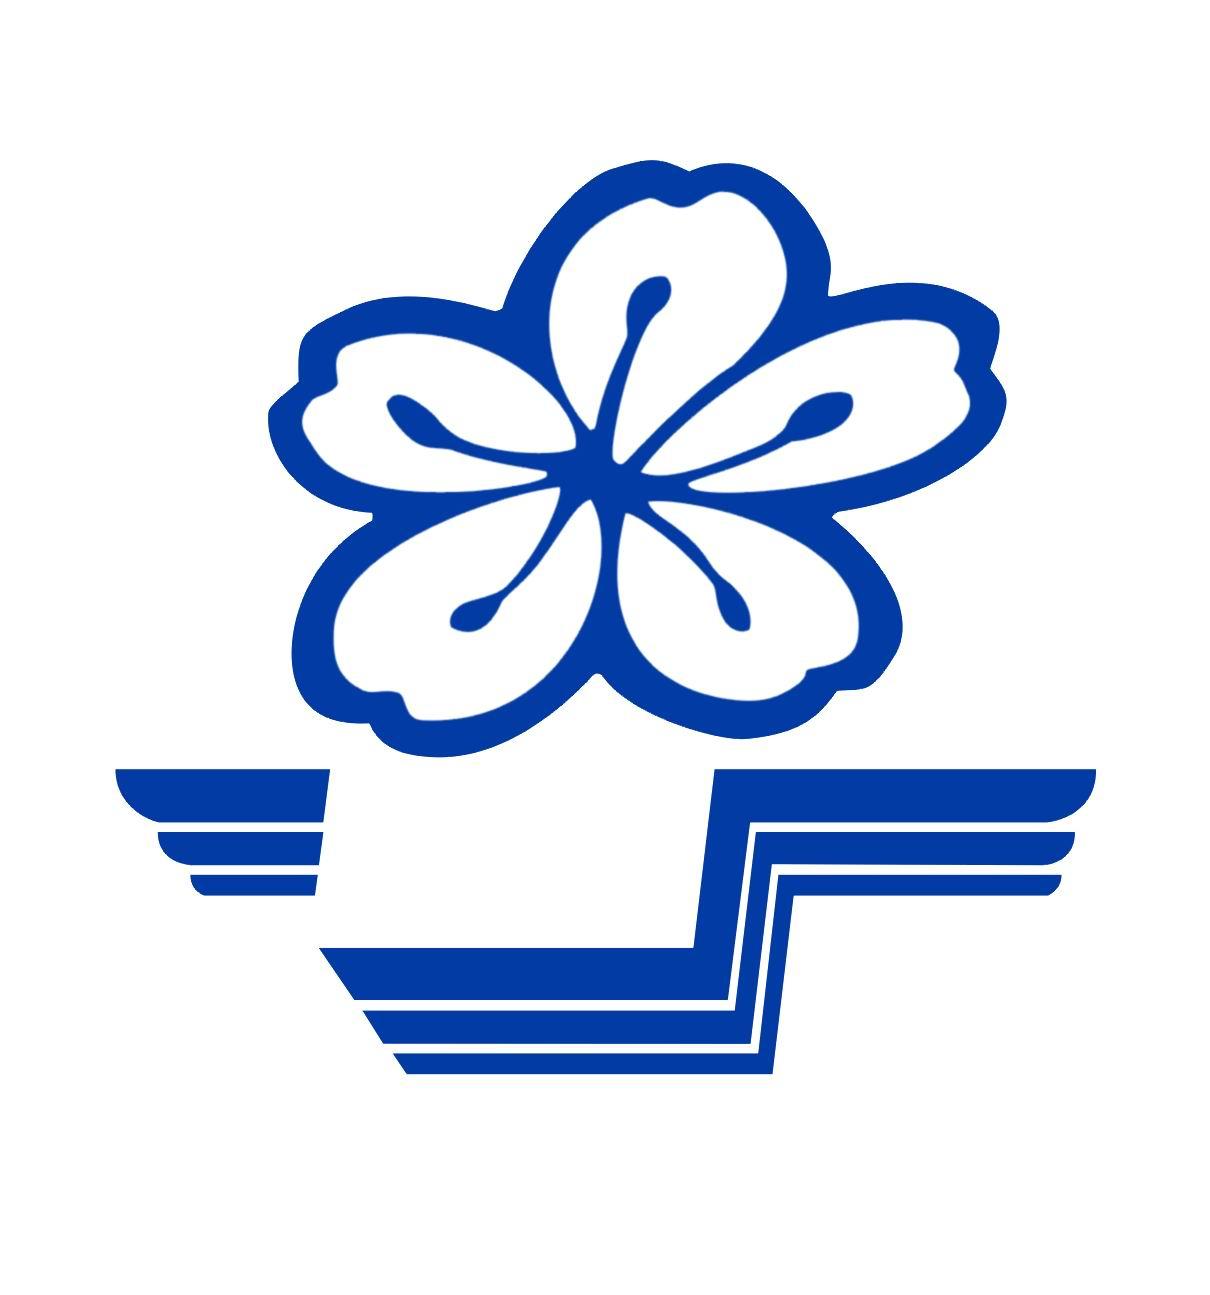 logo logo 标志 设计 矢量 矢量图 素材 图标 1210_1295